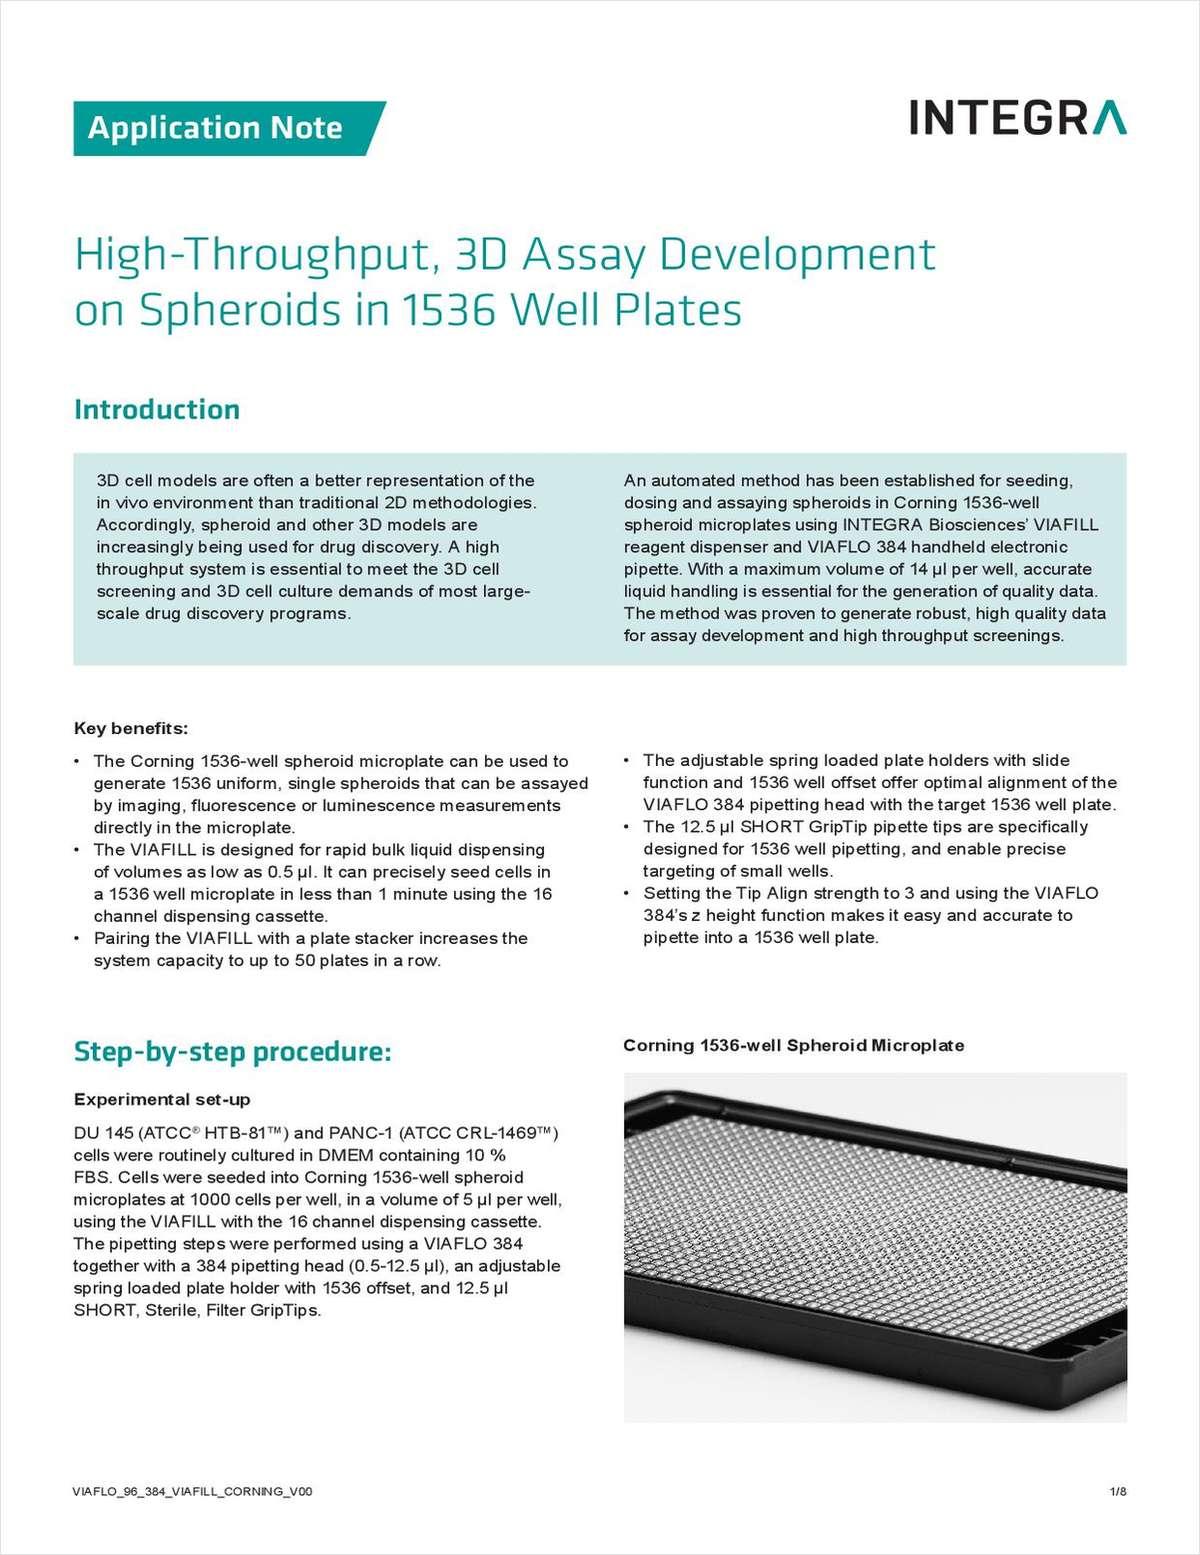 High-Throughput, 3D Assay Development on Spheroids in 1536 Well Plates